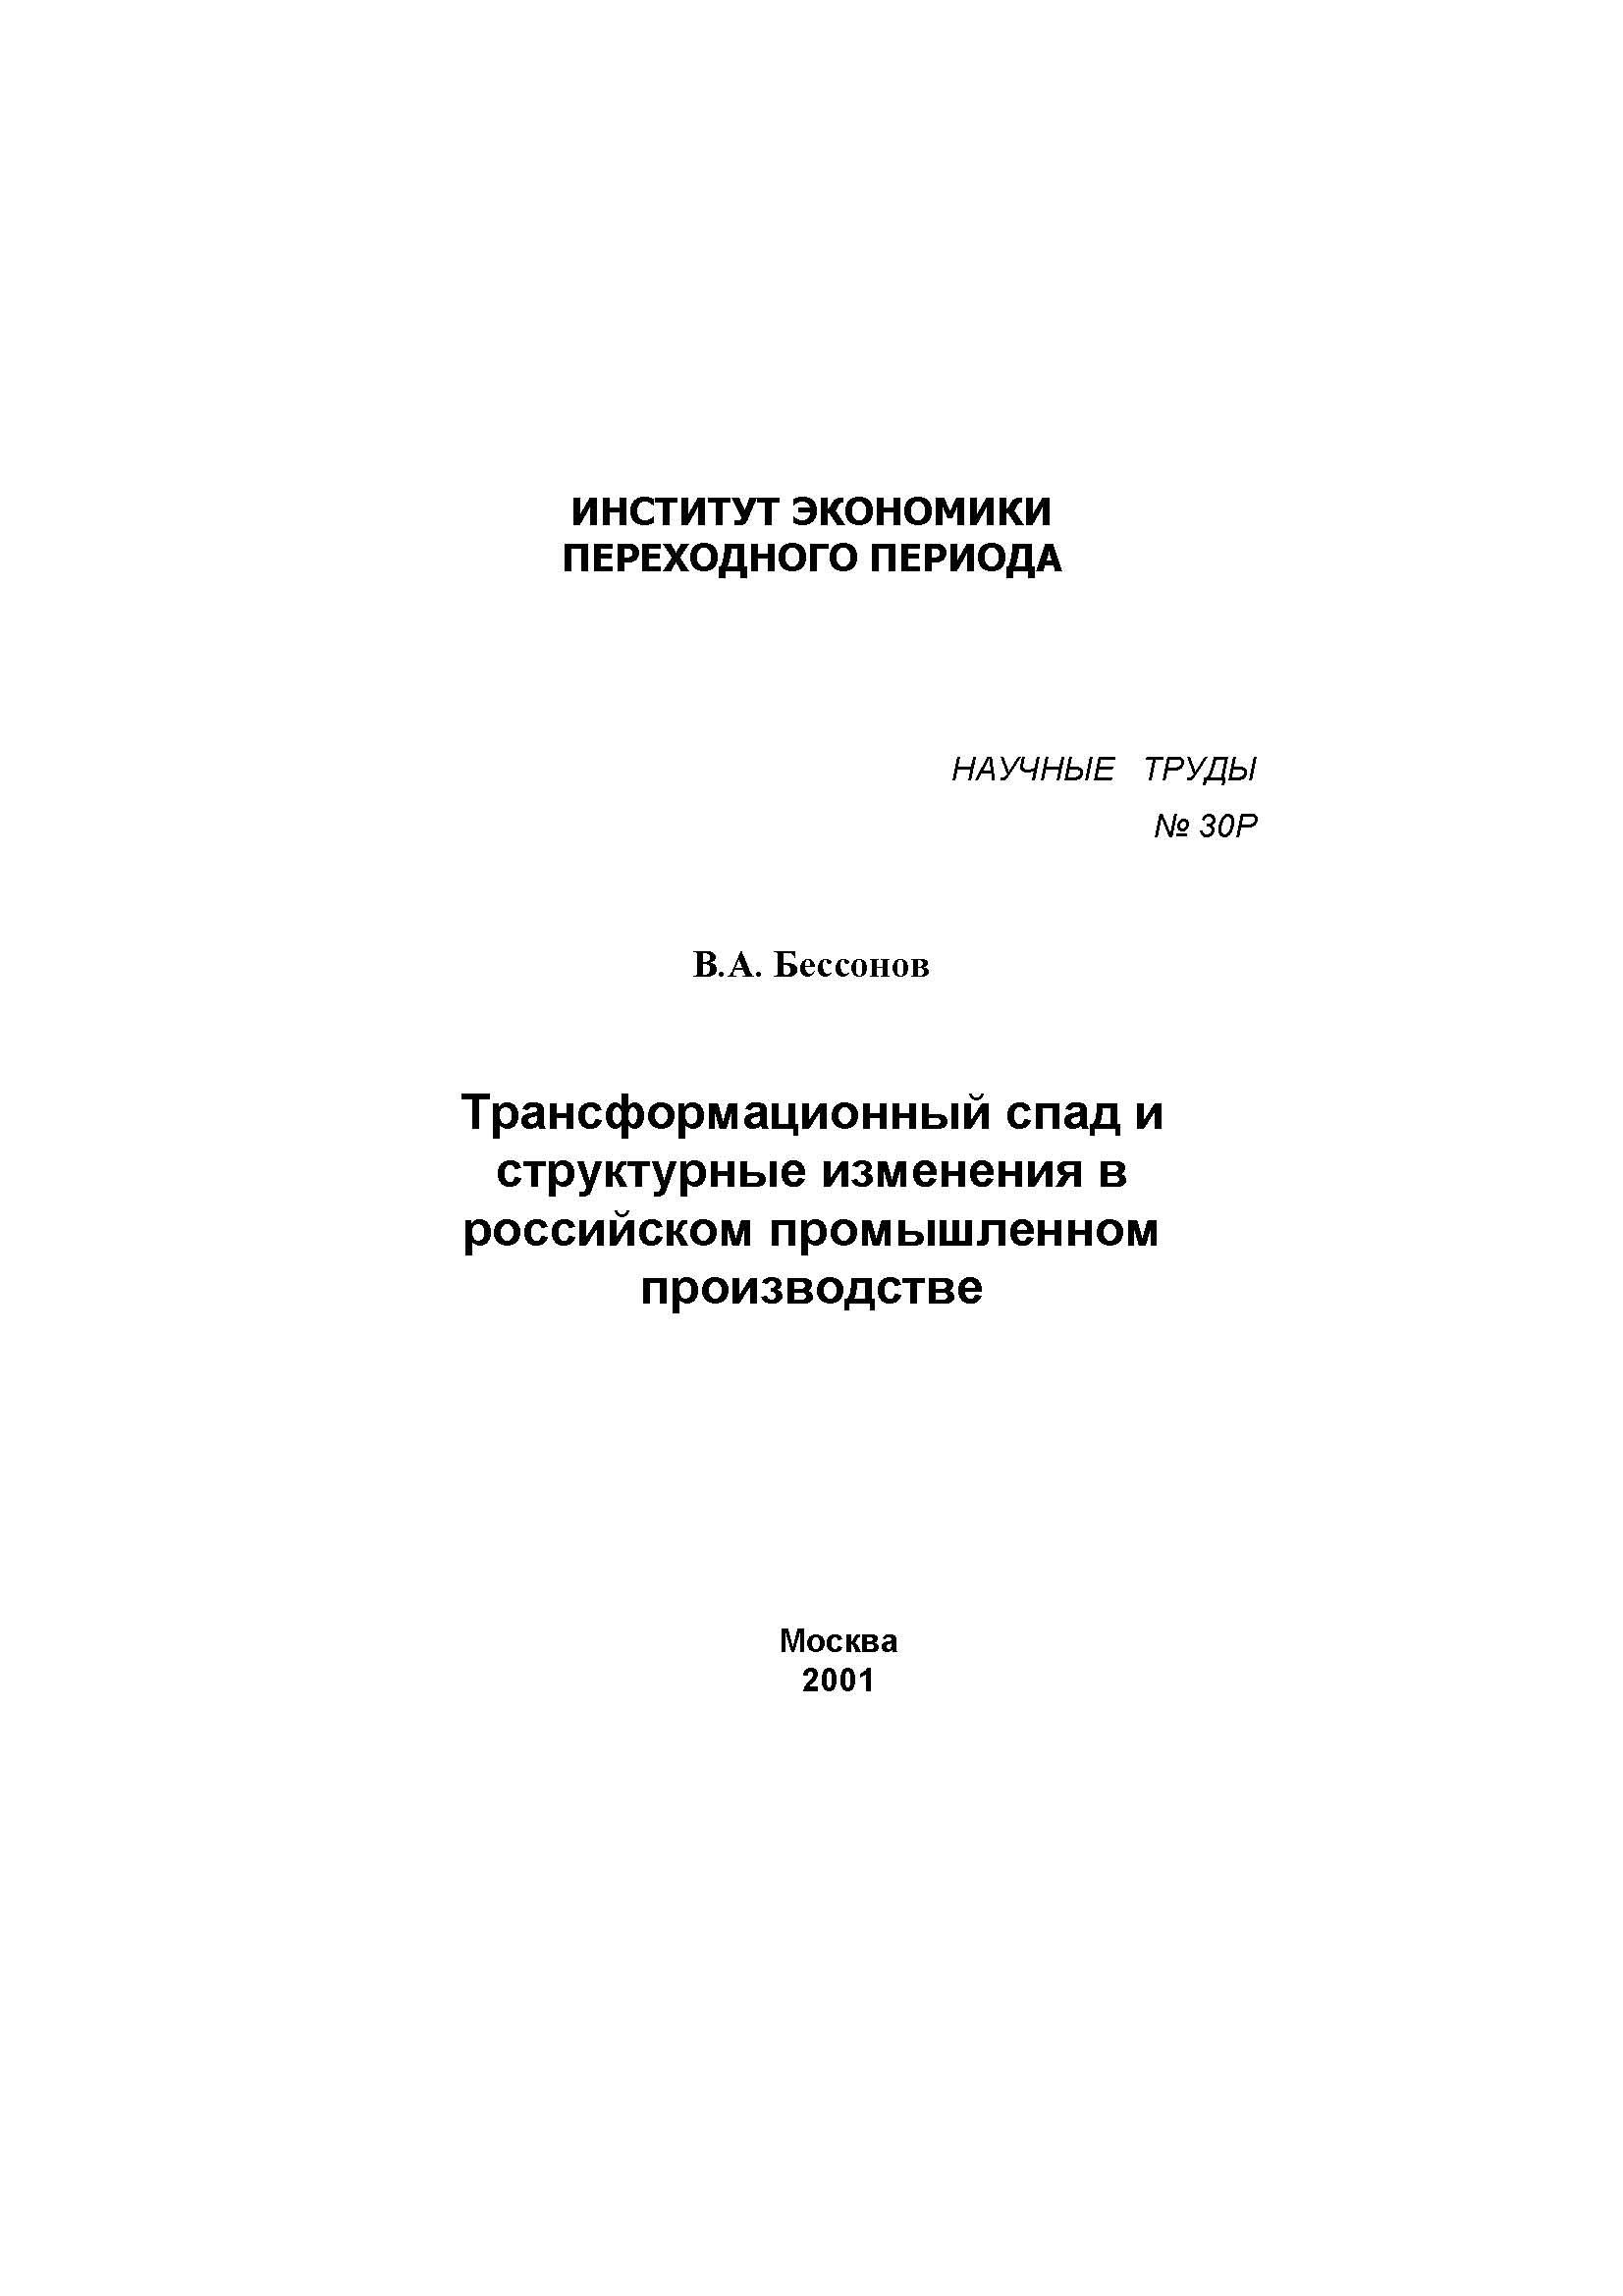 Трансформационный спад и структурные изменения в российском промышленном производстве